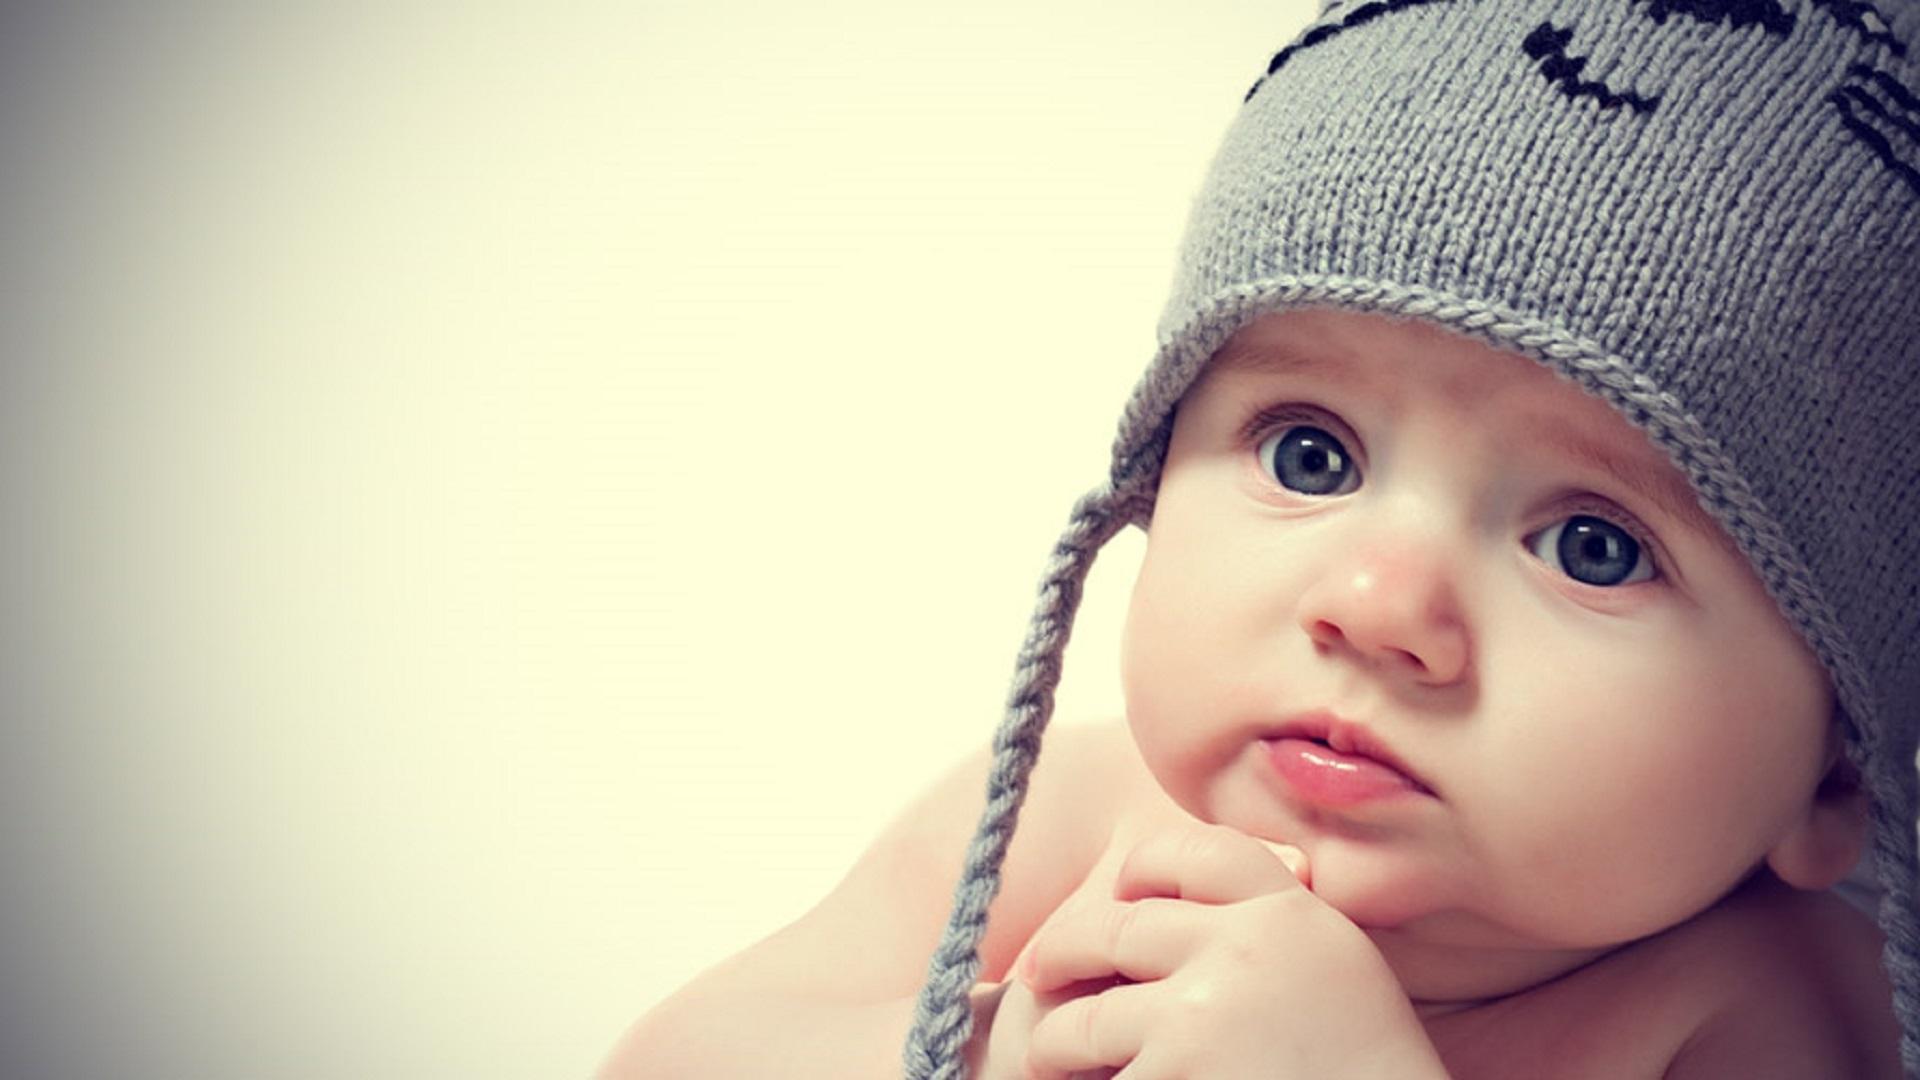 Bebeğinizin Cildini Sağlıklı Tutmak için Basit İpuçları Nelerdir